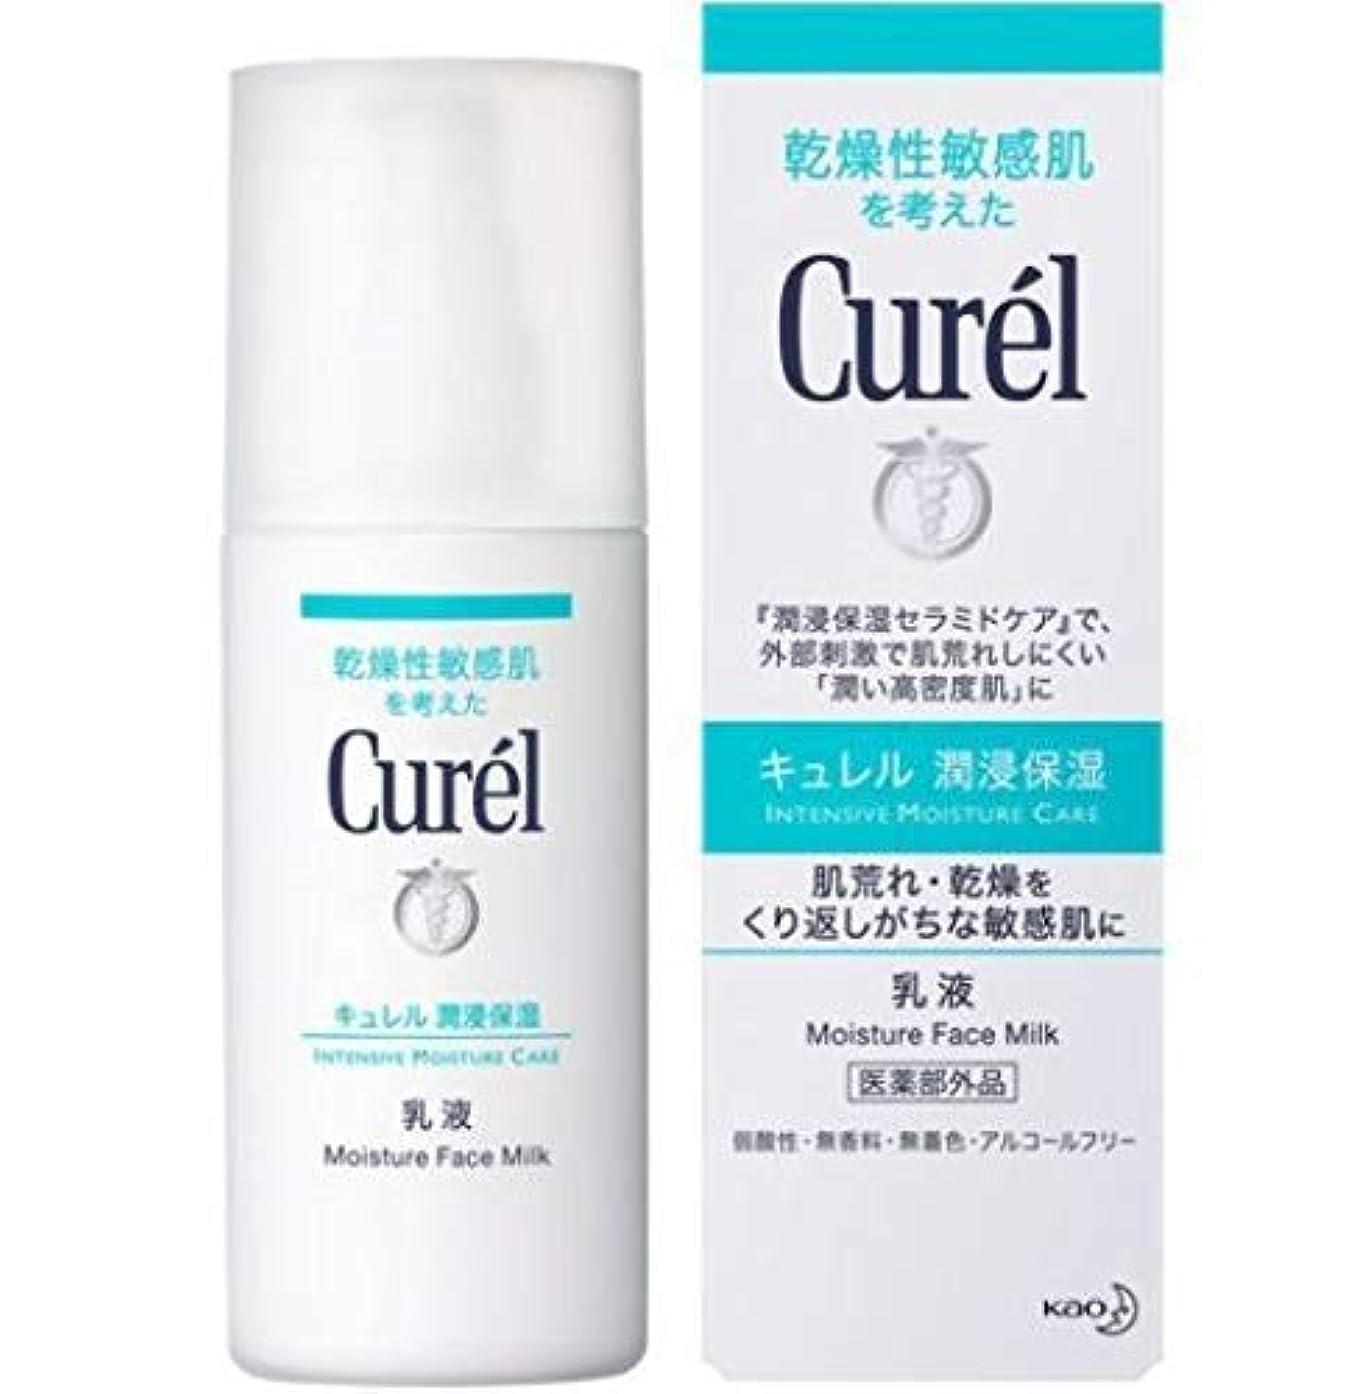 祖母刈り取る怠感Curél キュレルの保湿集中治療保湿フェイスミルクは120ミリリットルは、お肌の自然なバリア機能を向上させ落ち着かせると乾燥から肌を保護するために-helps